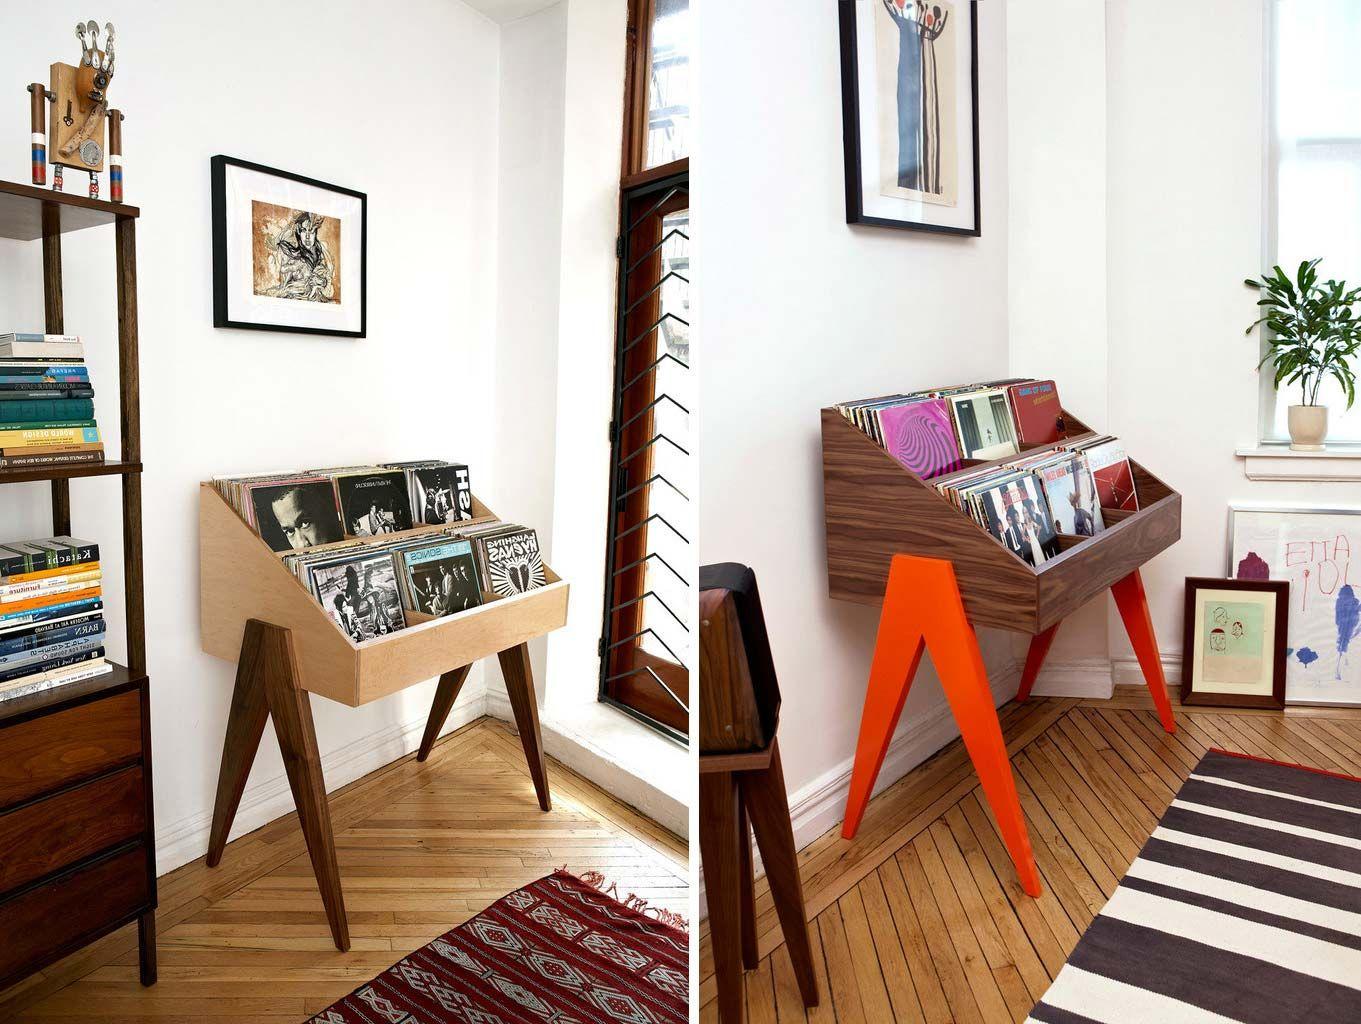 47 Meubles Pour Ranger Des Vinyles Mobilier De Salon Meuble Vinyle Idees De Decor